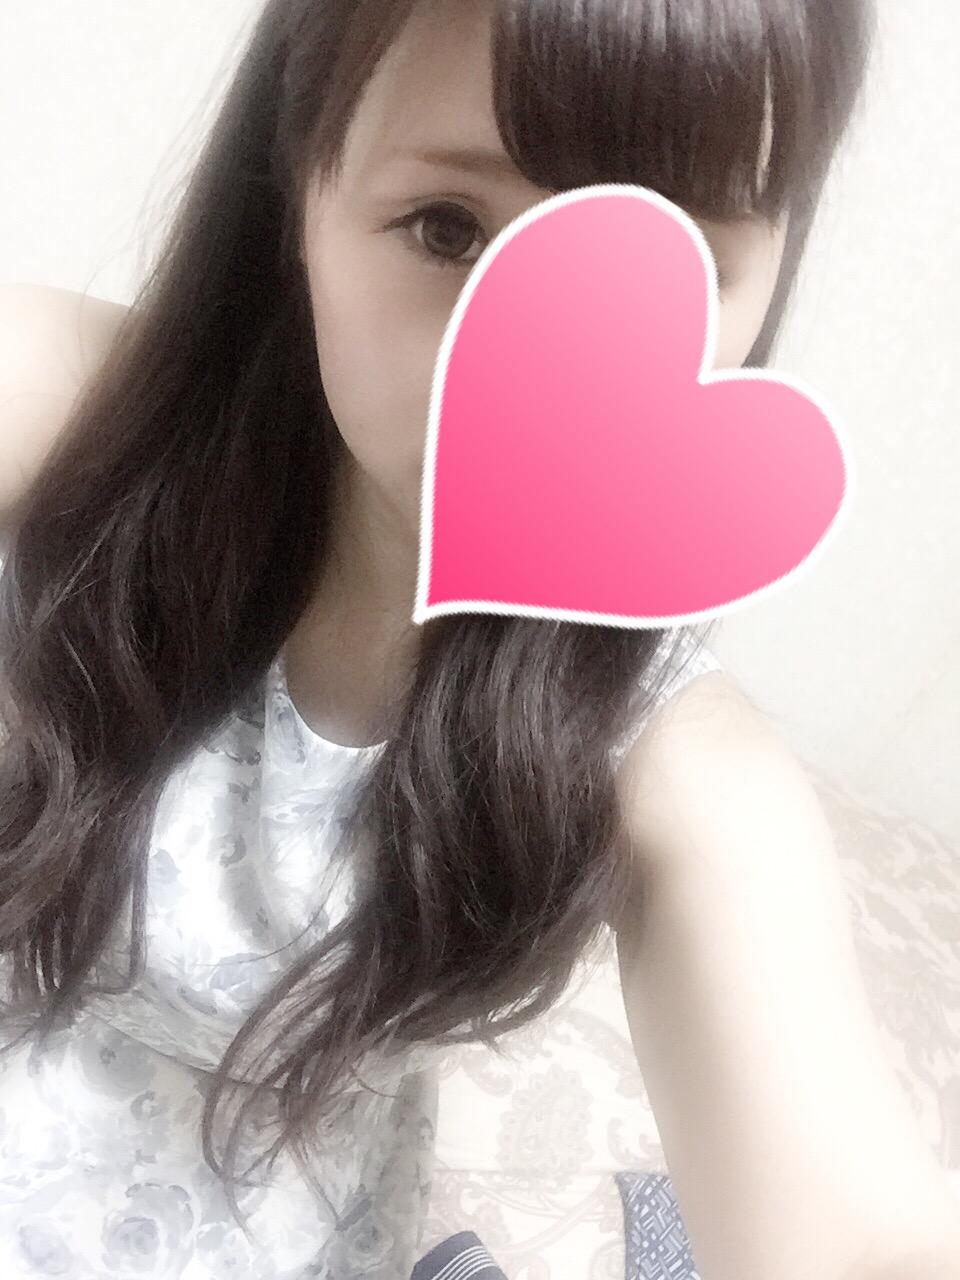 「今日のお礼♡」08/28(08/28) 03:33   みずほの写メ・風俗動画